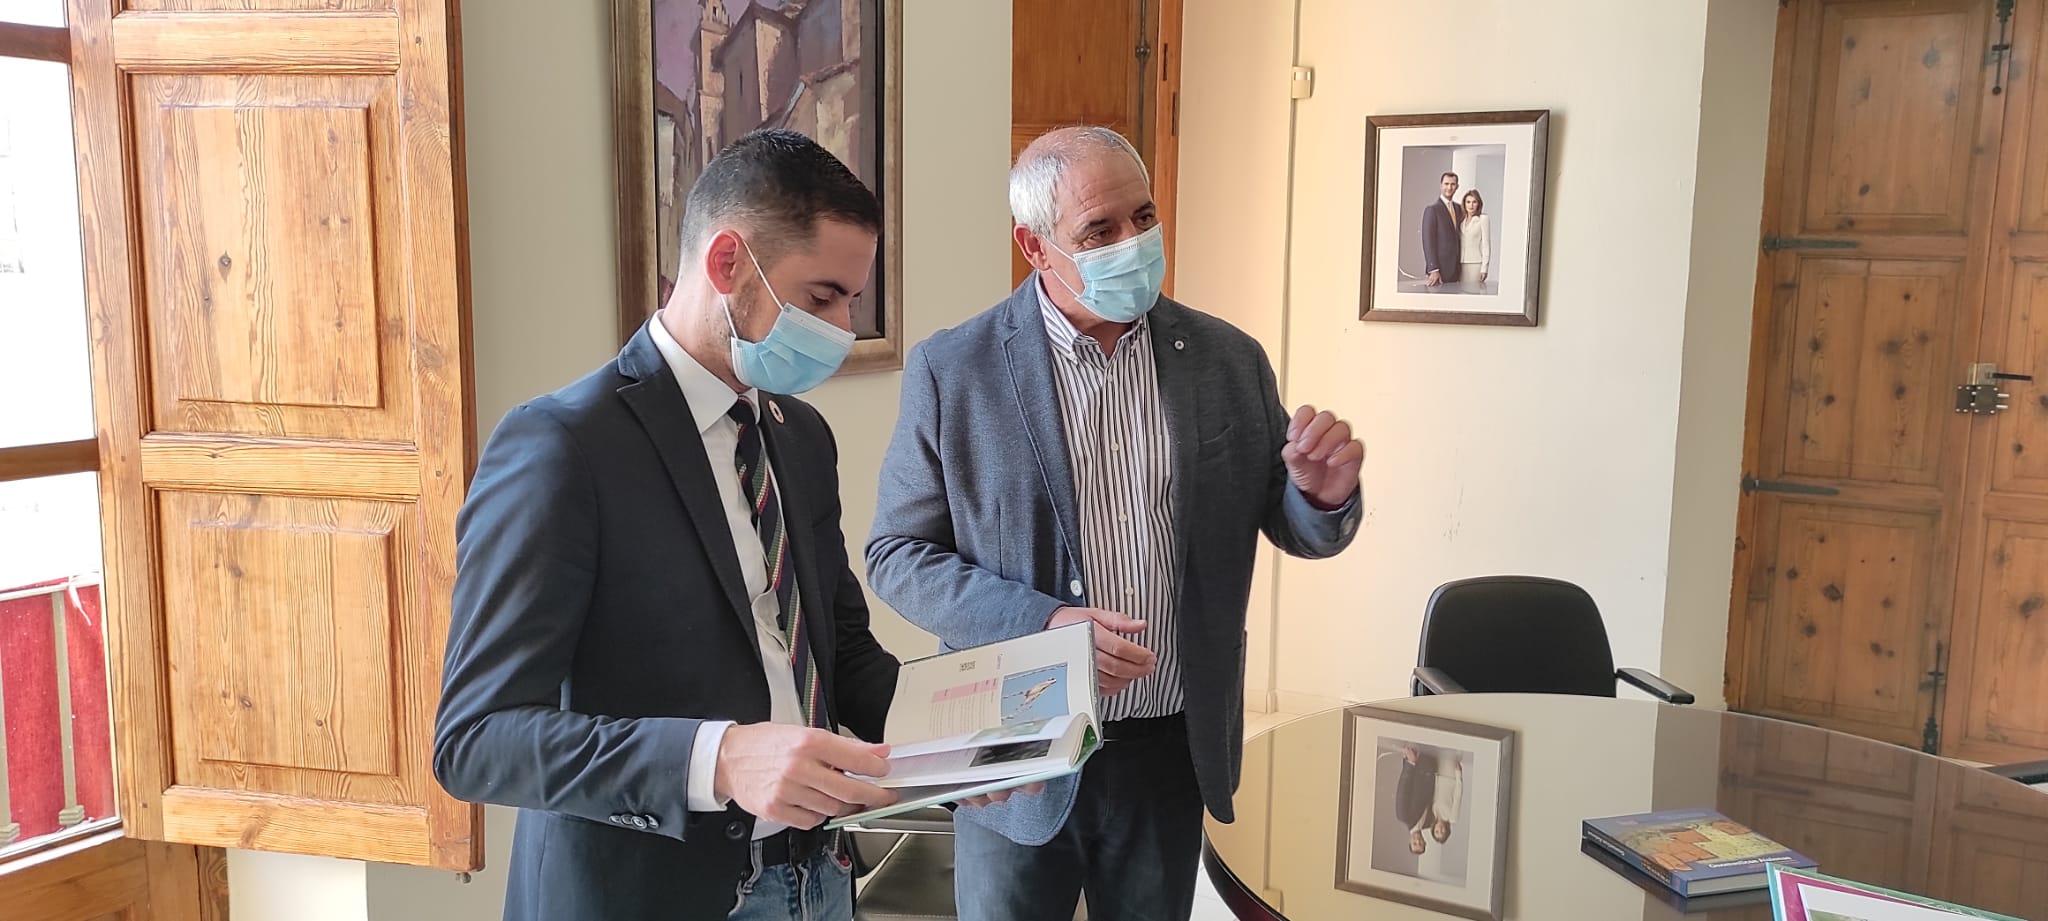 Aielo de Malferit rep la visita del Vicepresident de la Diputació de València, Carlos Fernández Bielsa